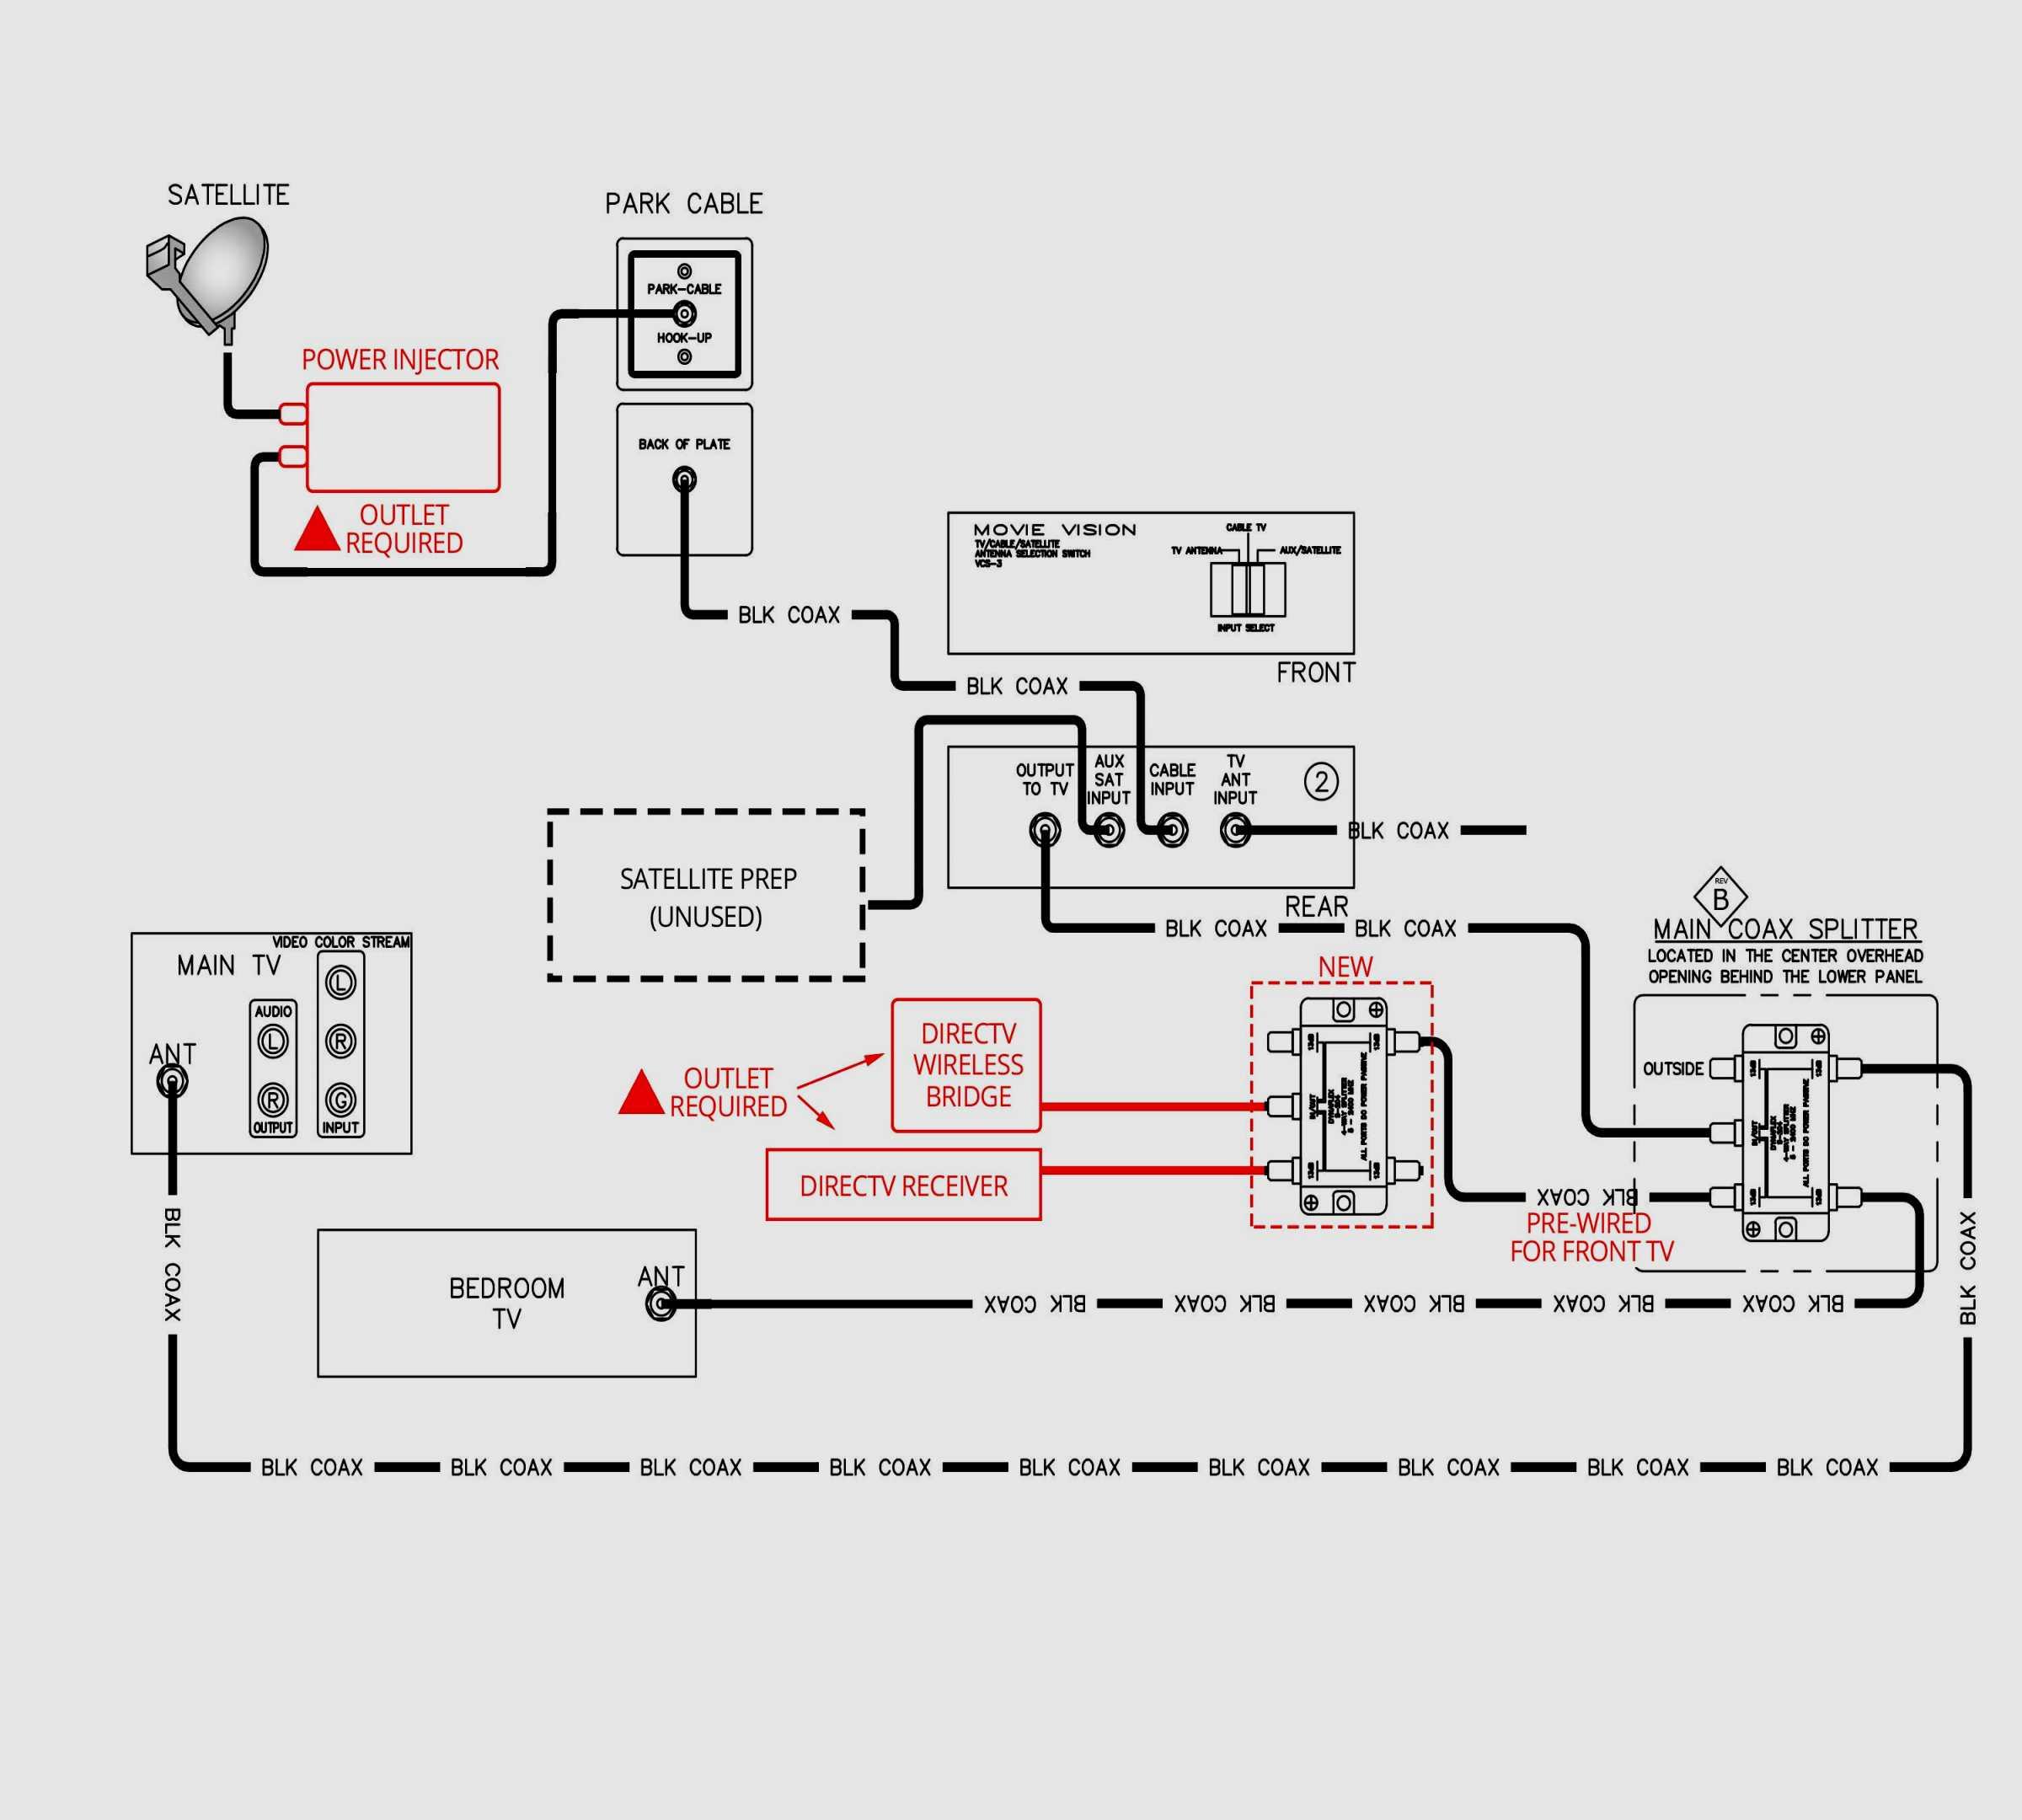 Dish Directv Wiring Diagram - Schematics Wiring Diagram - Direct Tv Satellite Dish Wiring Diagram